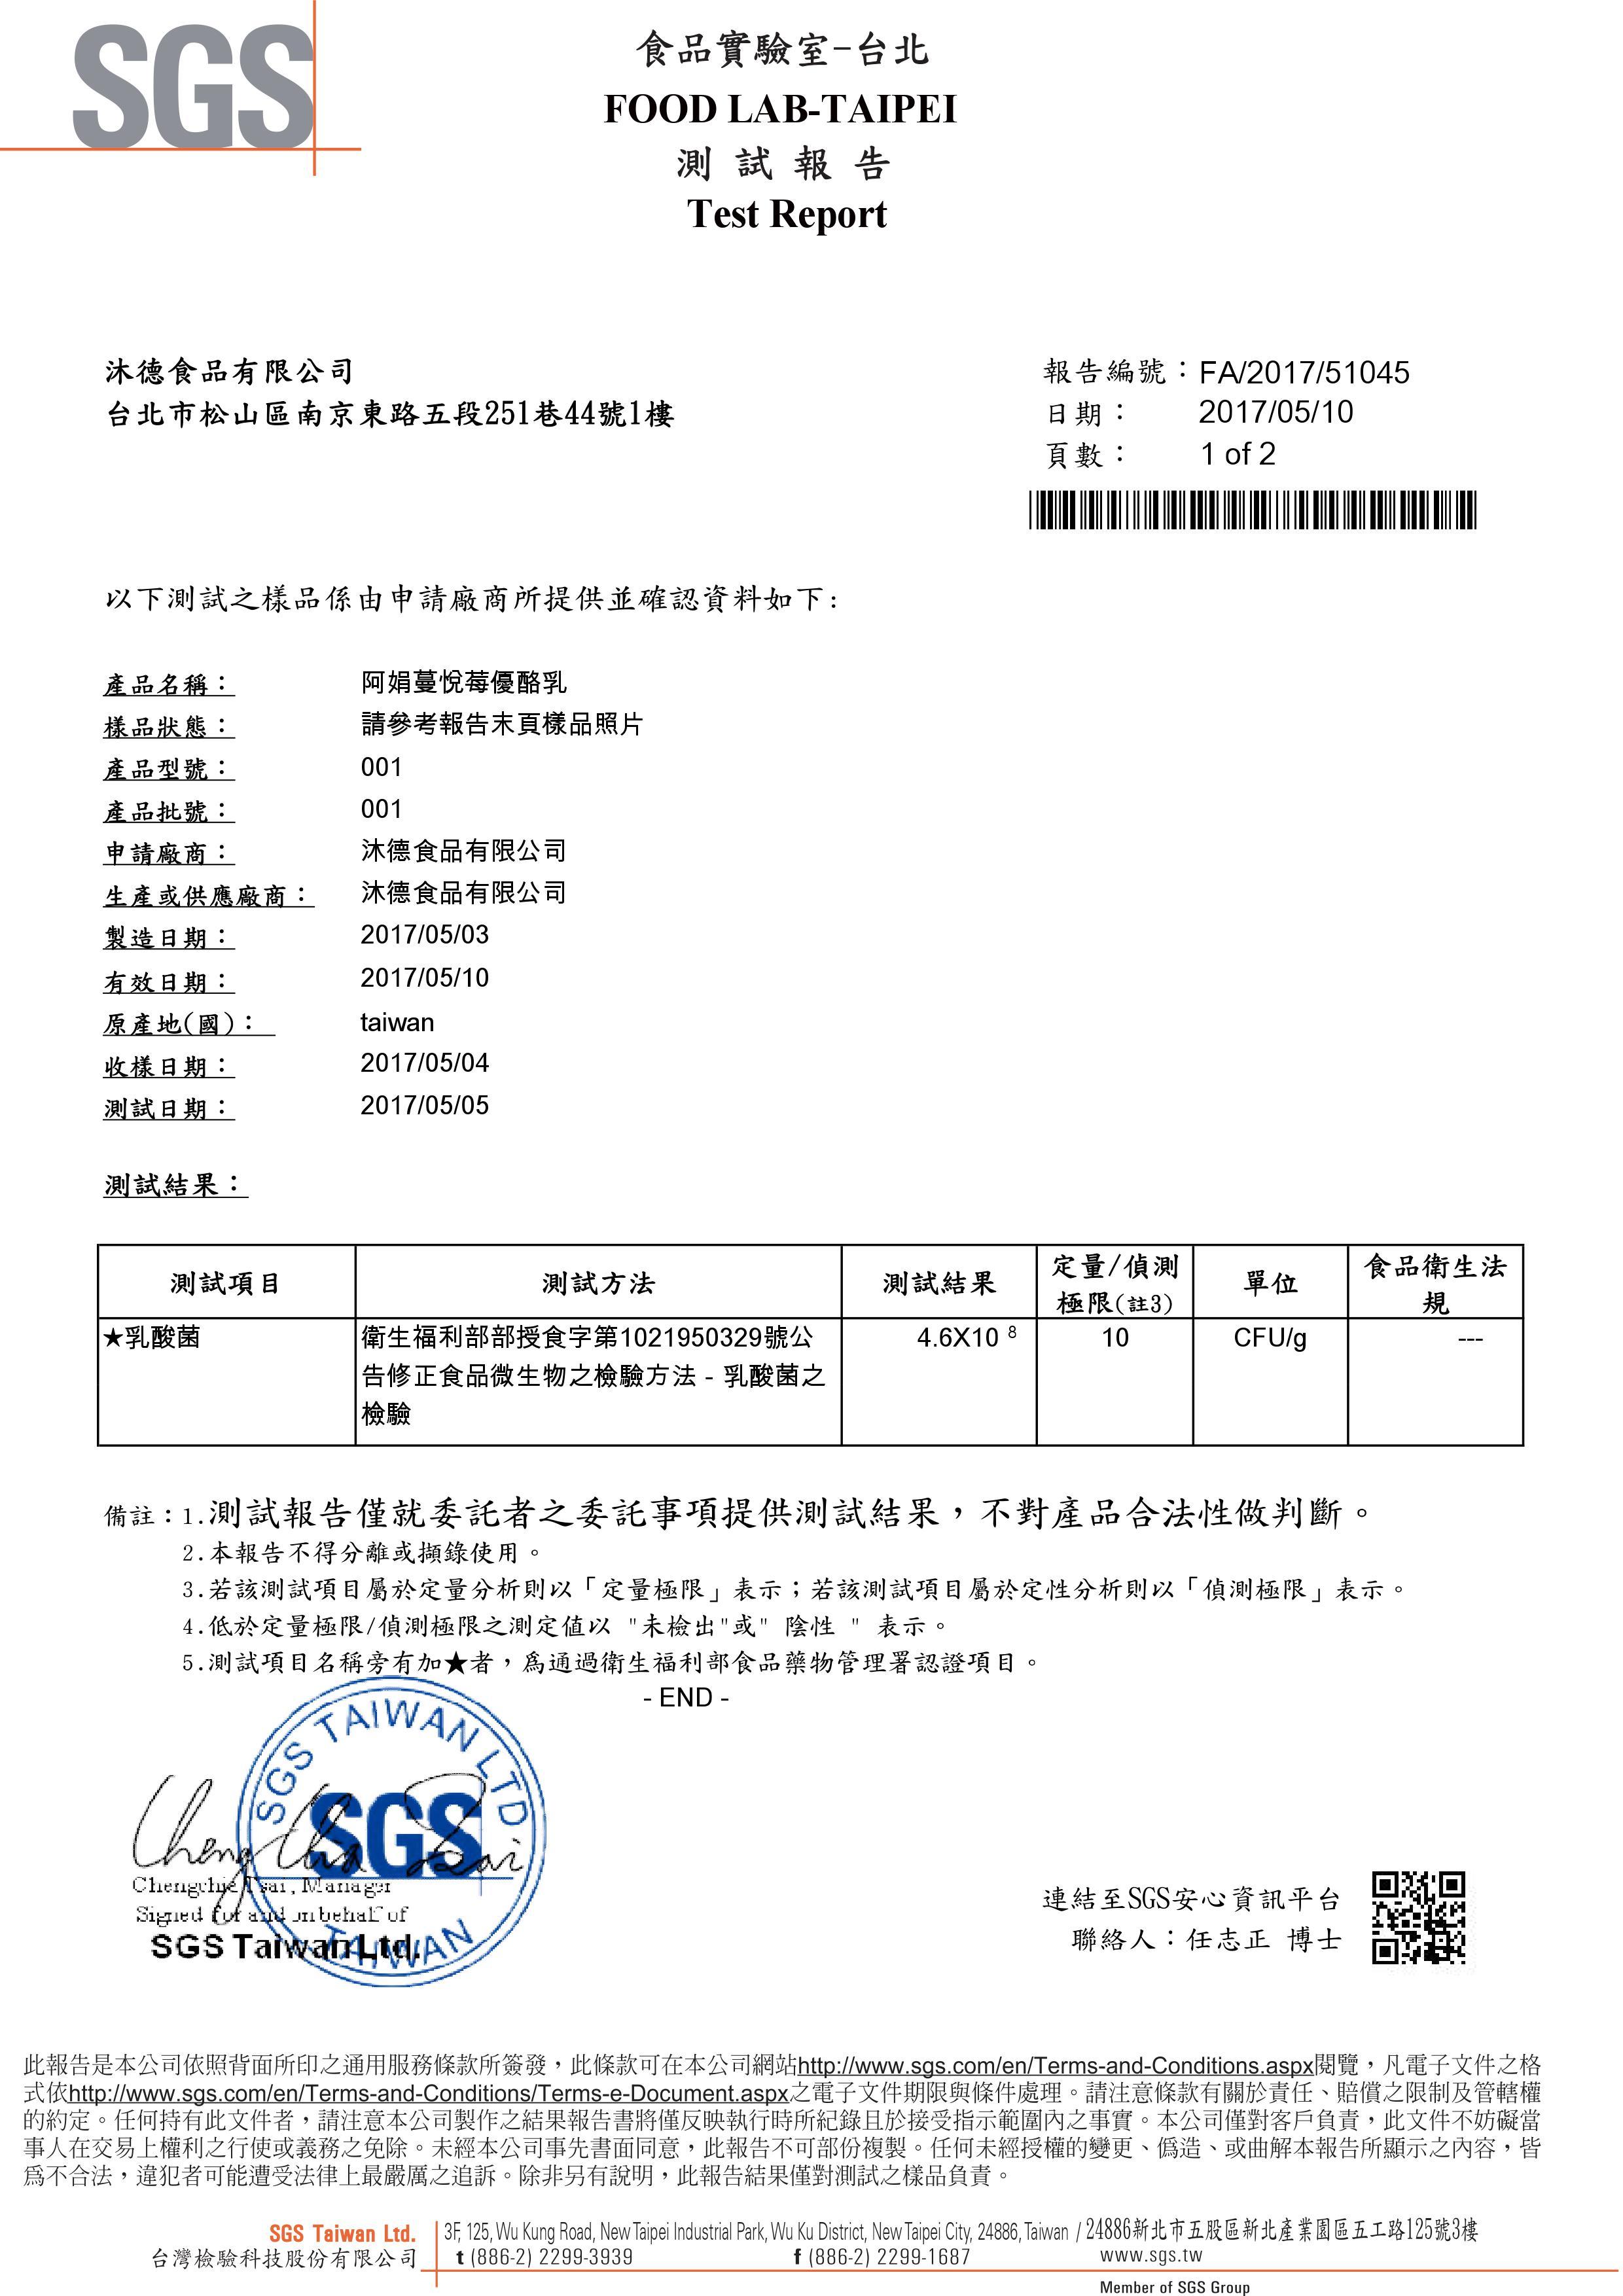 2017蔓越莓乳酸.jpg